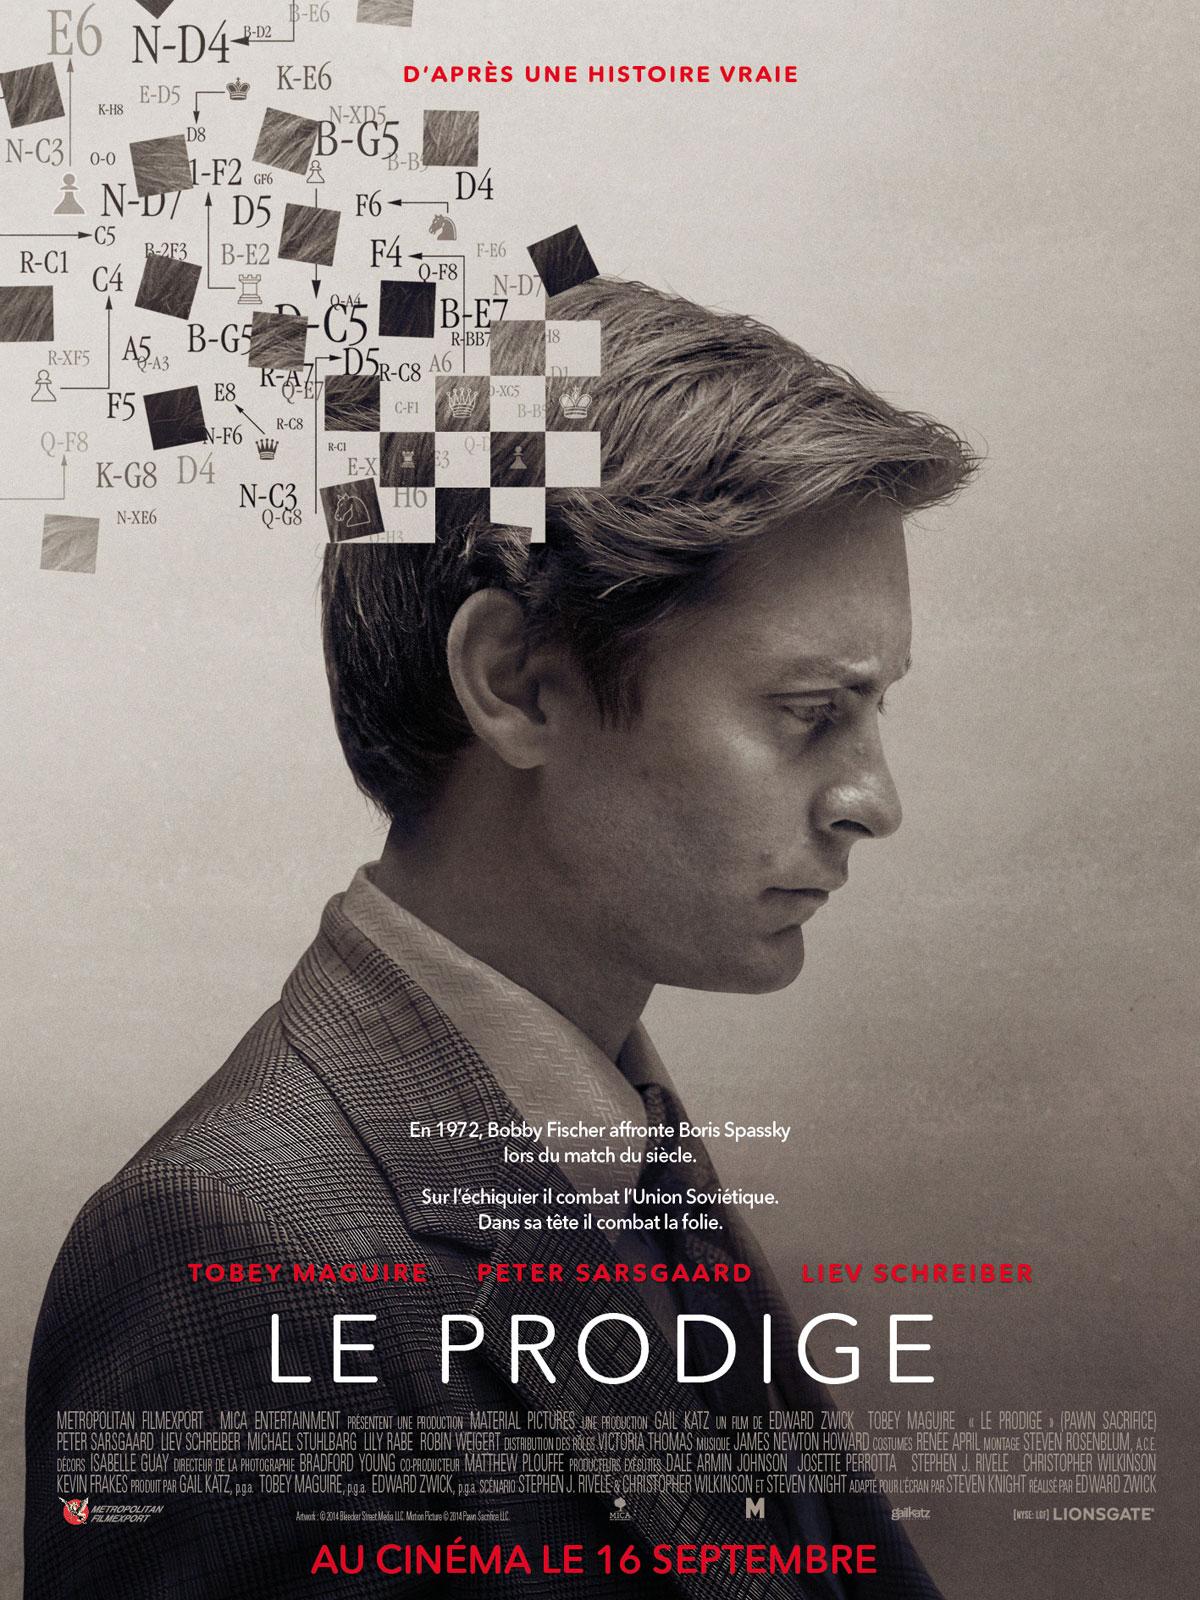 Achat Le Prodige en DVD - AlloCiné